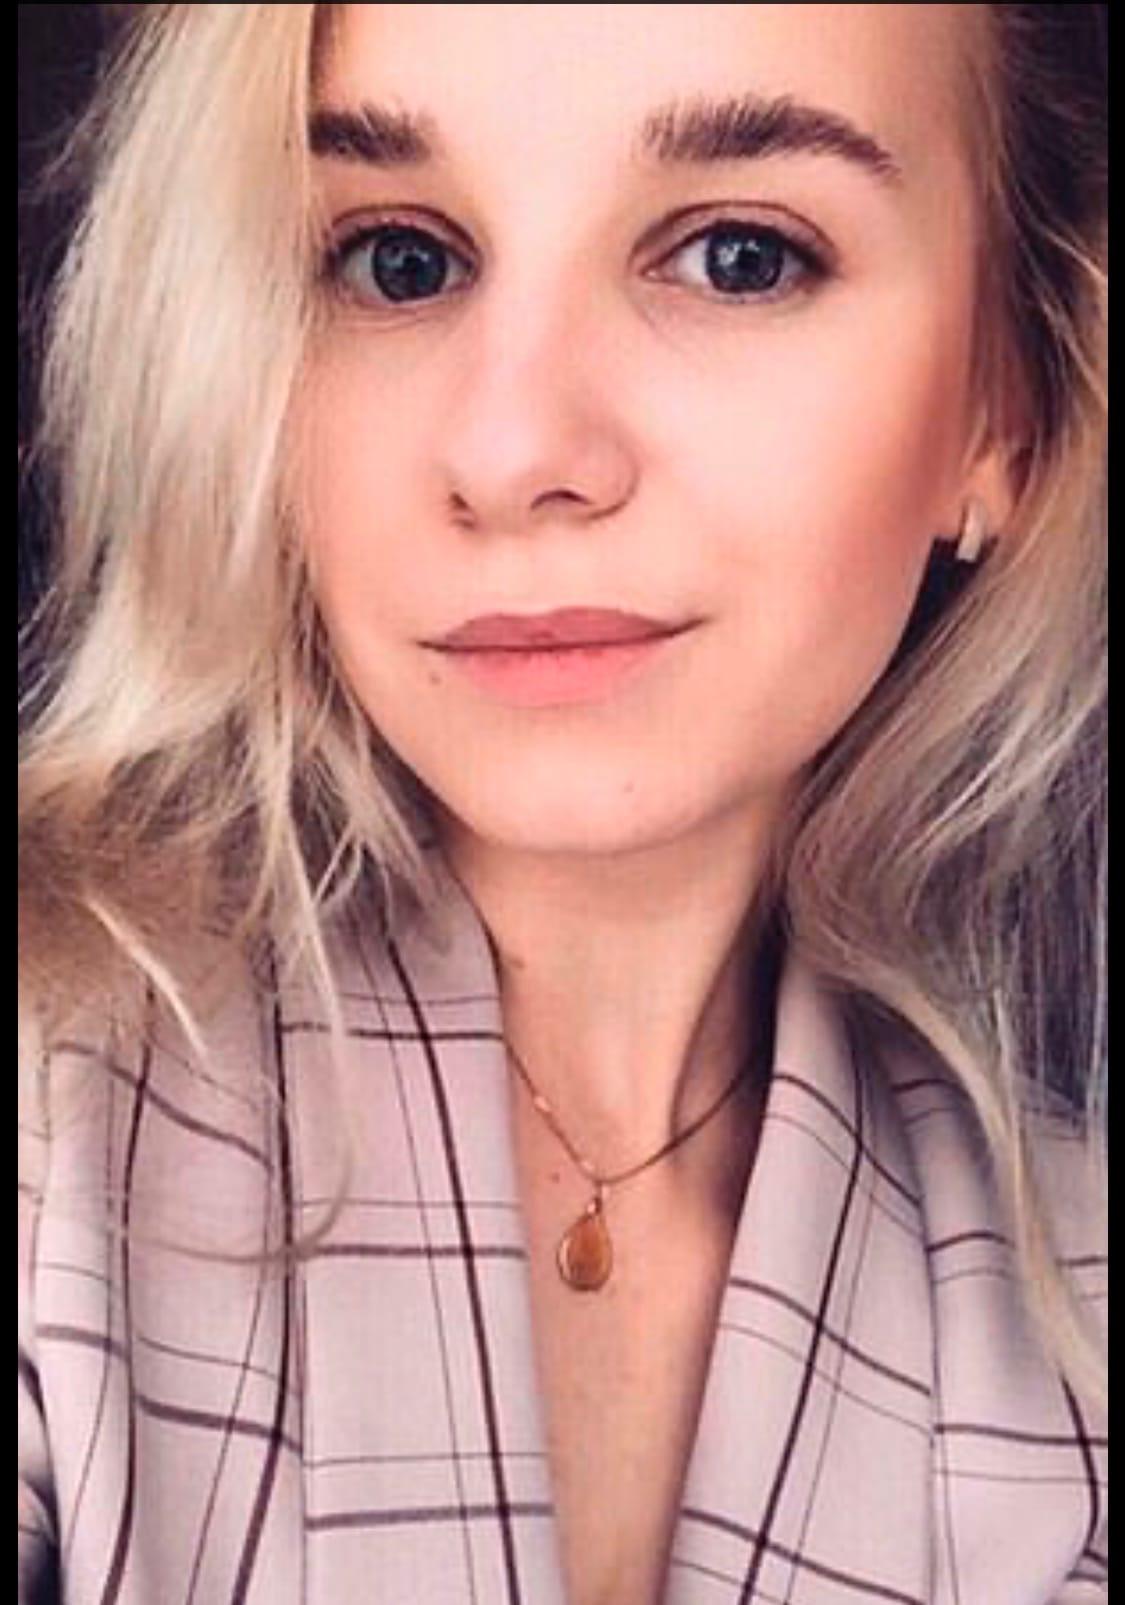 Медсестра в купальнике из Тулы найдена и опознана - Новости Тулы и ...